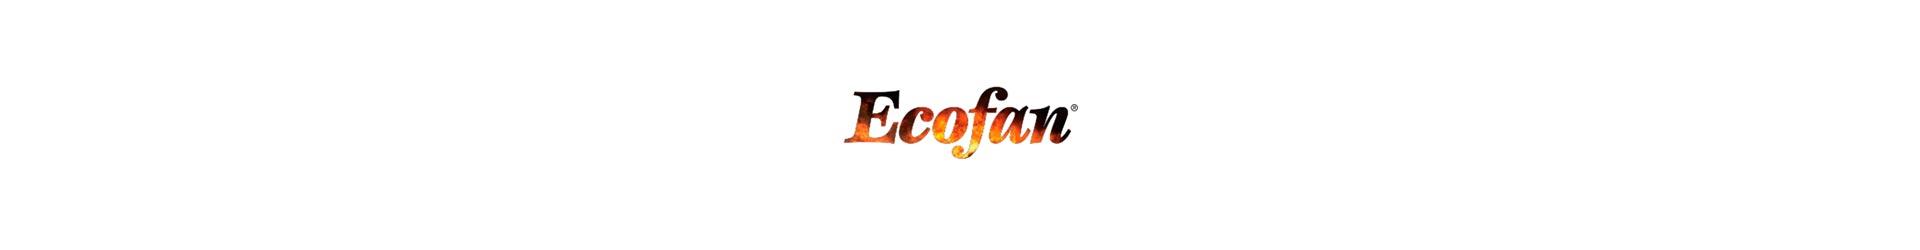 Ecofan-Banner